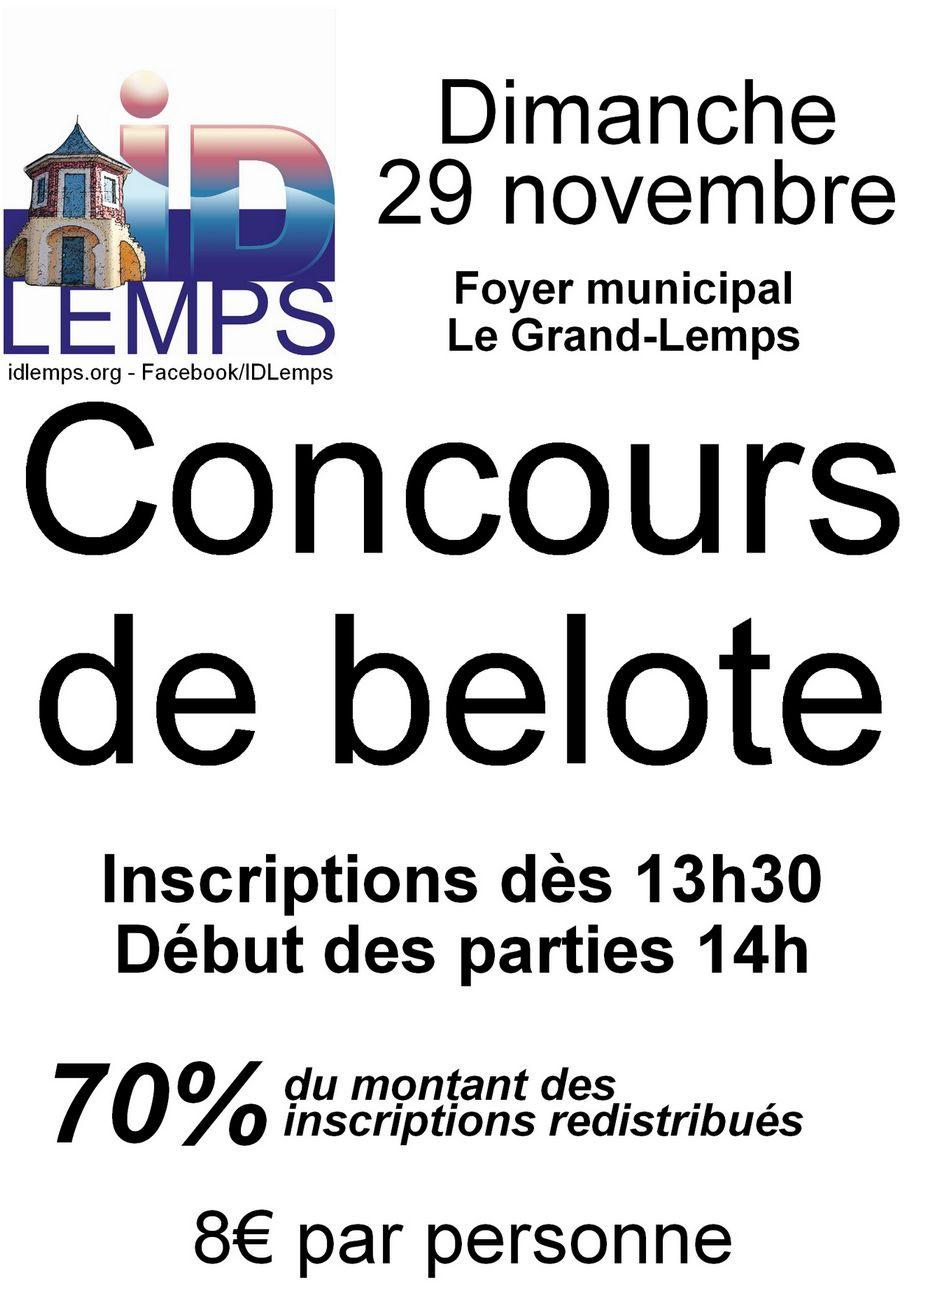 Concours de belote dimanche 29 novembre 2015 au Grand-Lemps - Isère